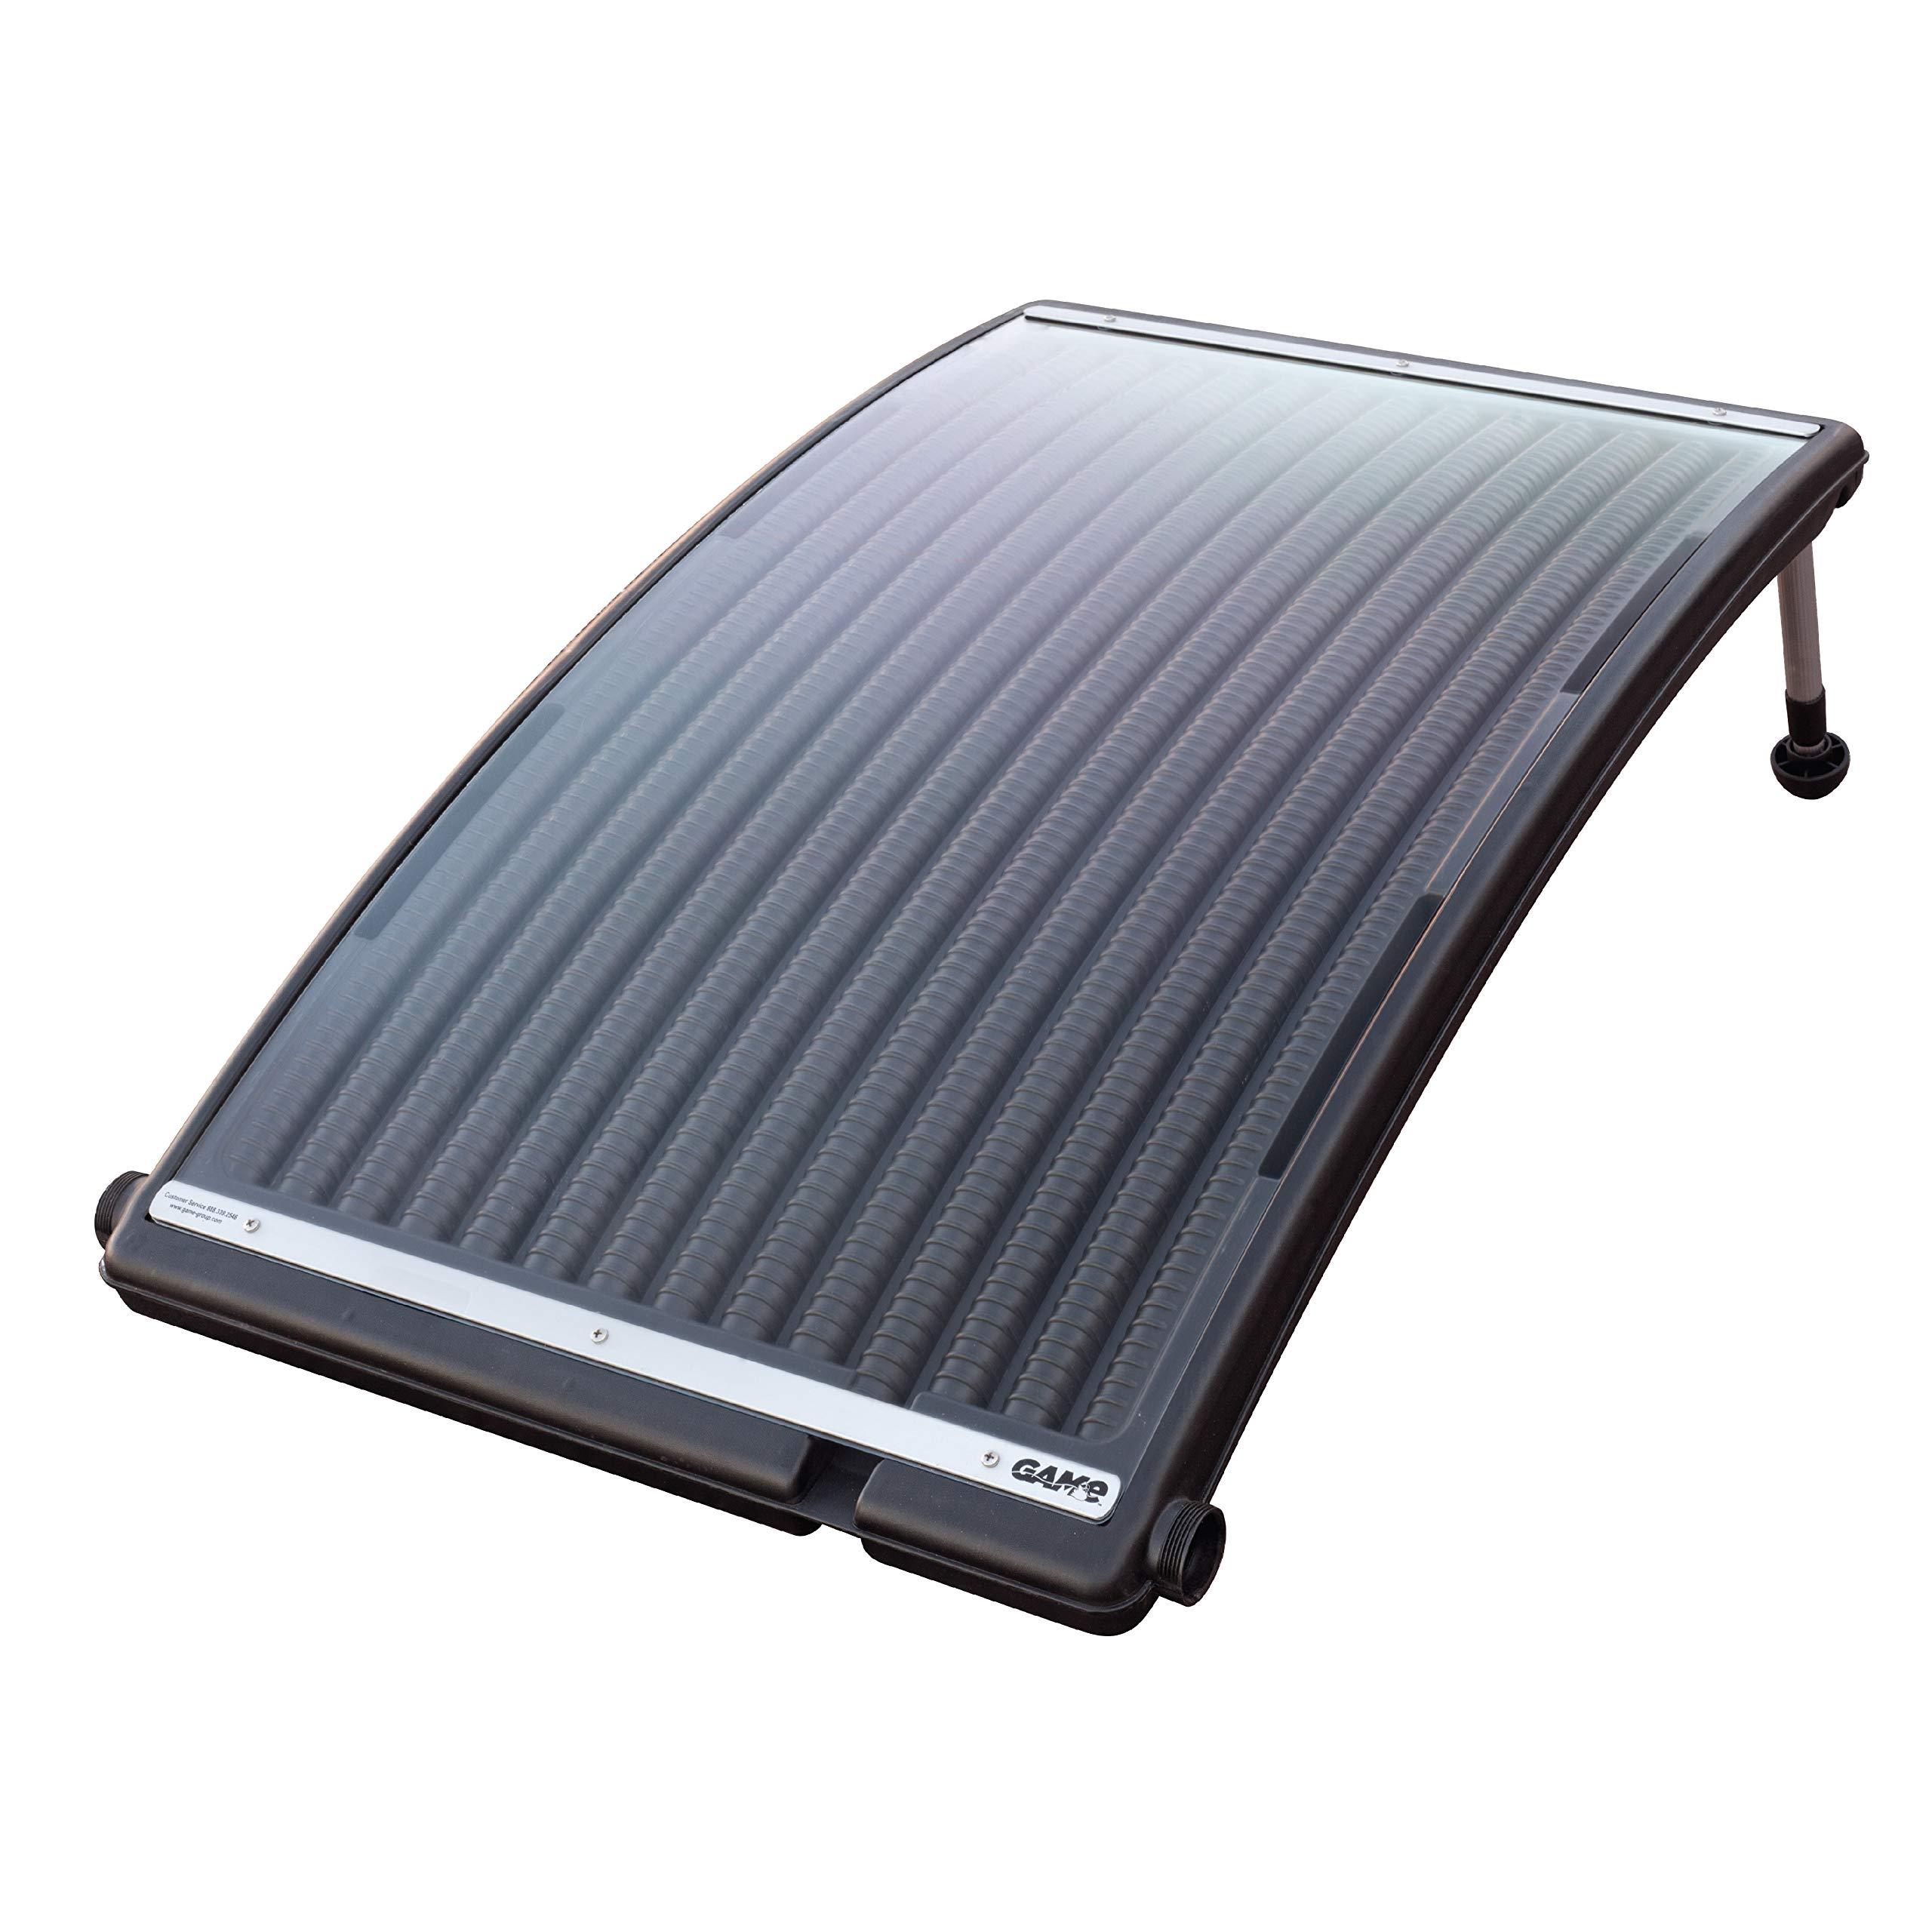 GAME 4721 BB SolarPRO Above Ground Inground